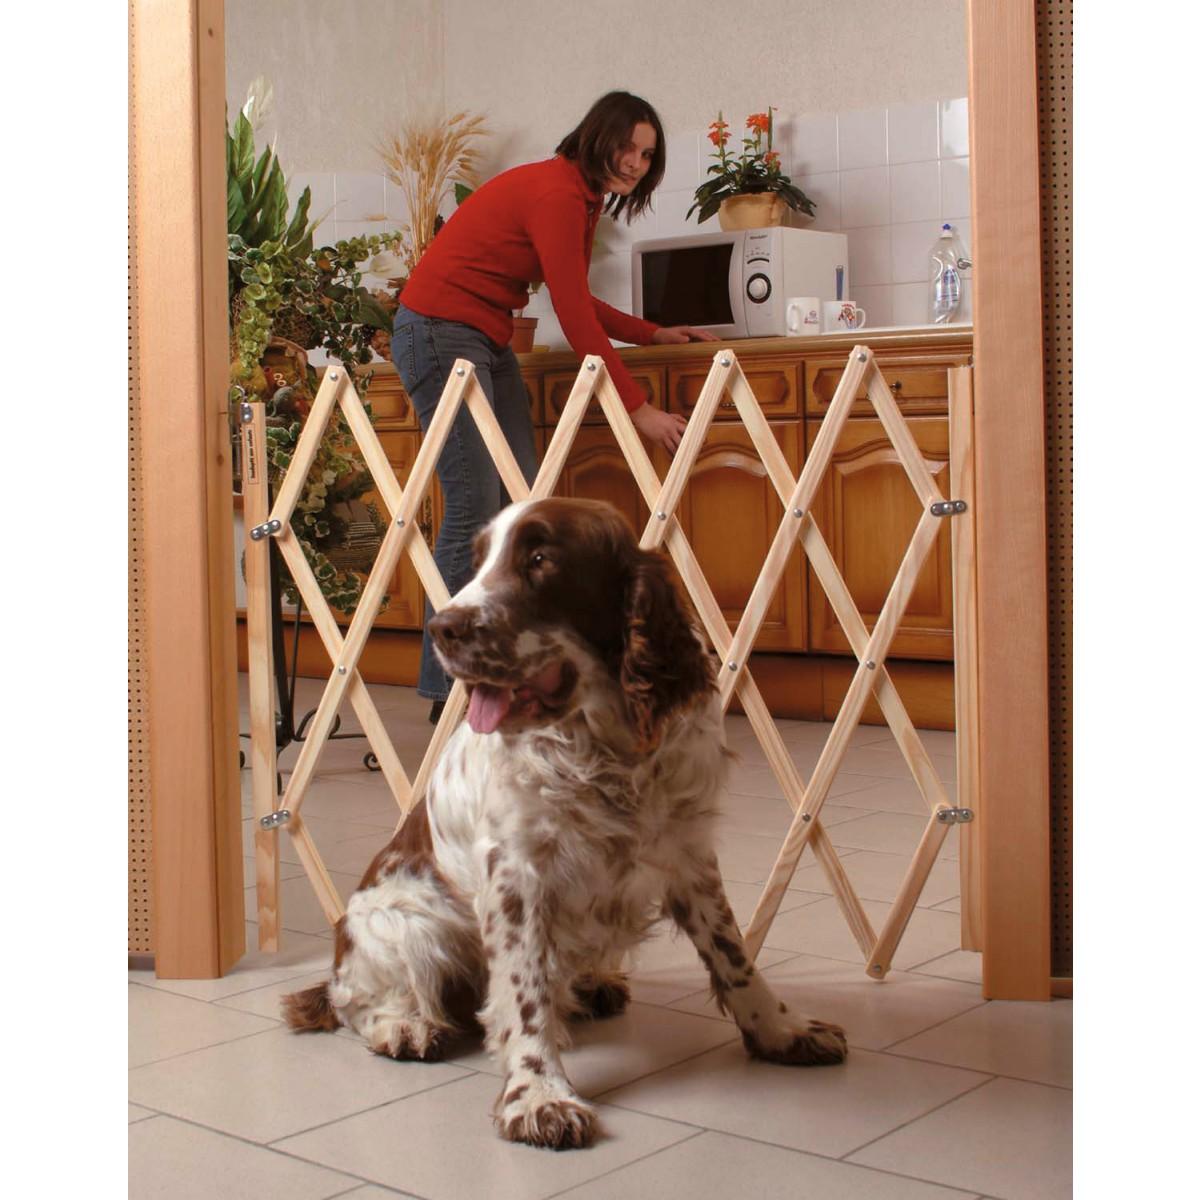 Barrière extensible bois pour animaux - Fermeture accordéon - Longueur 65 à 108 cm